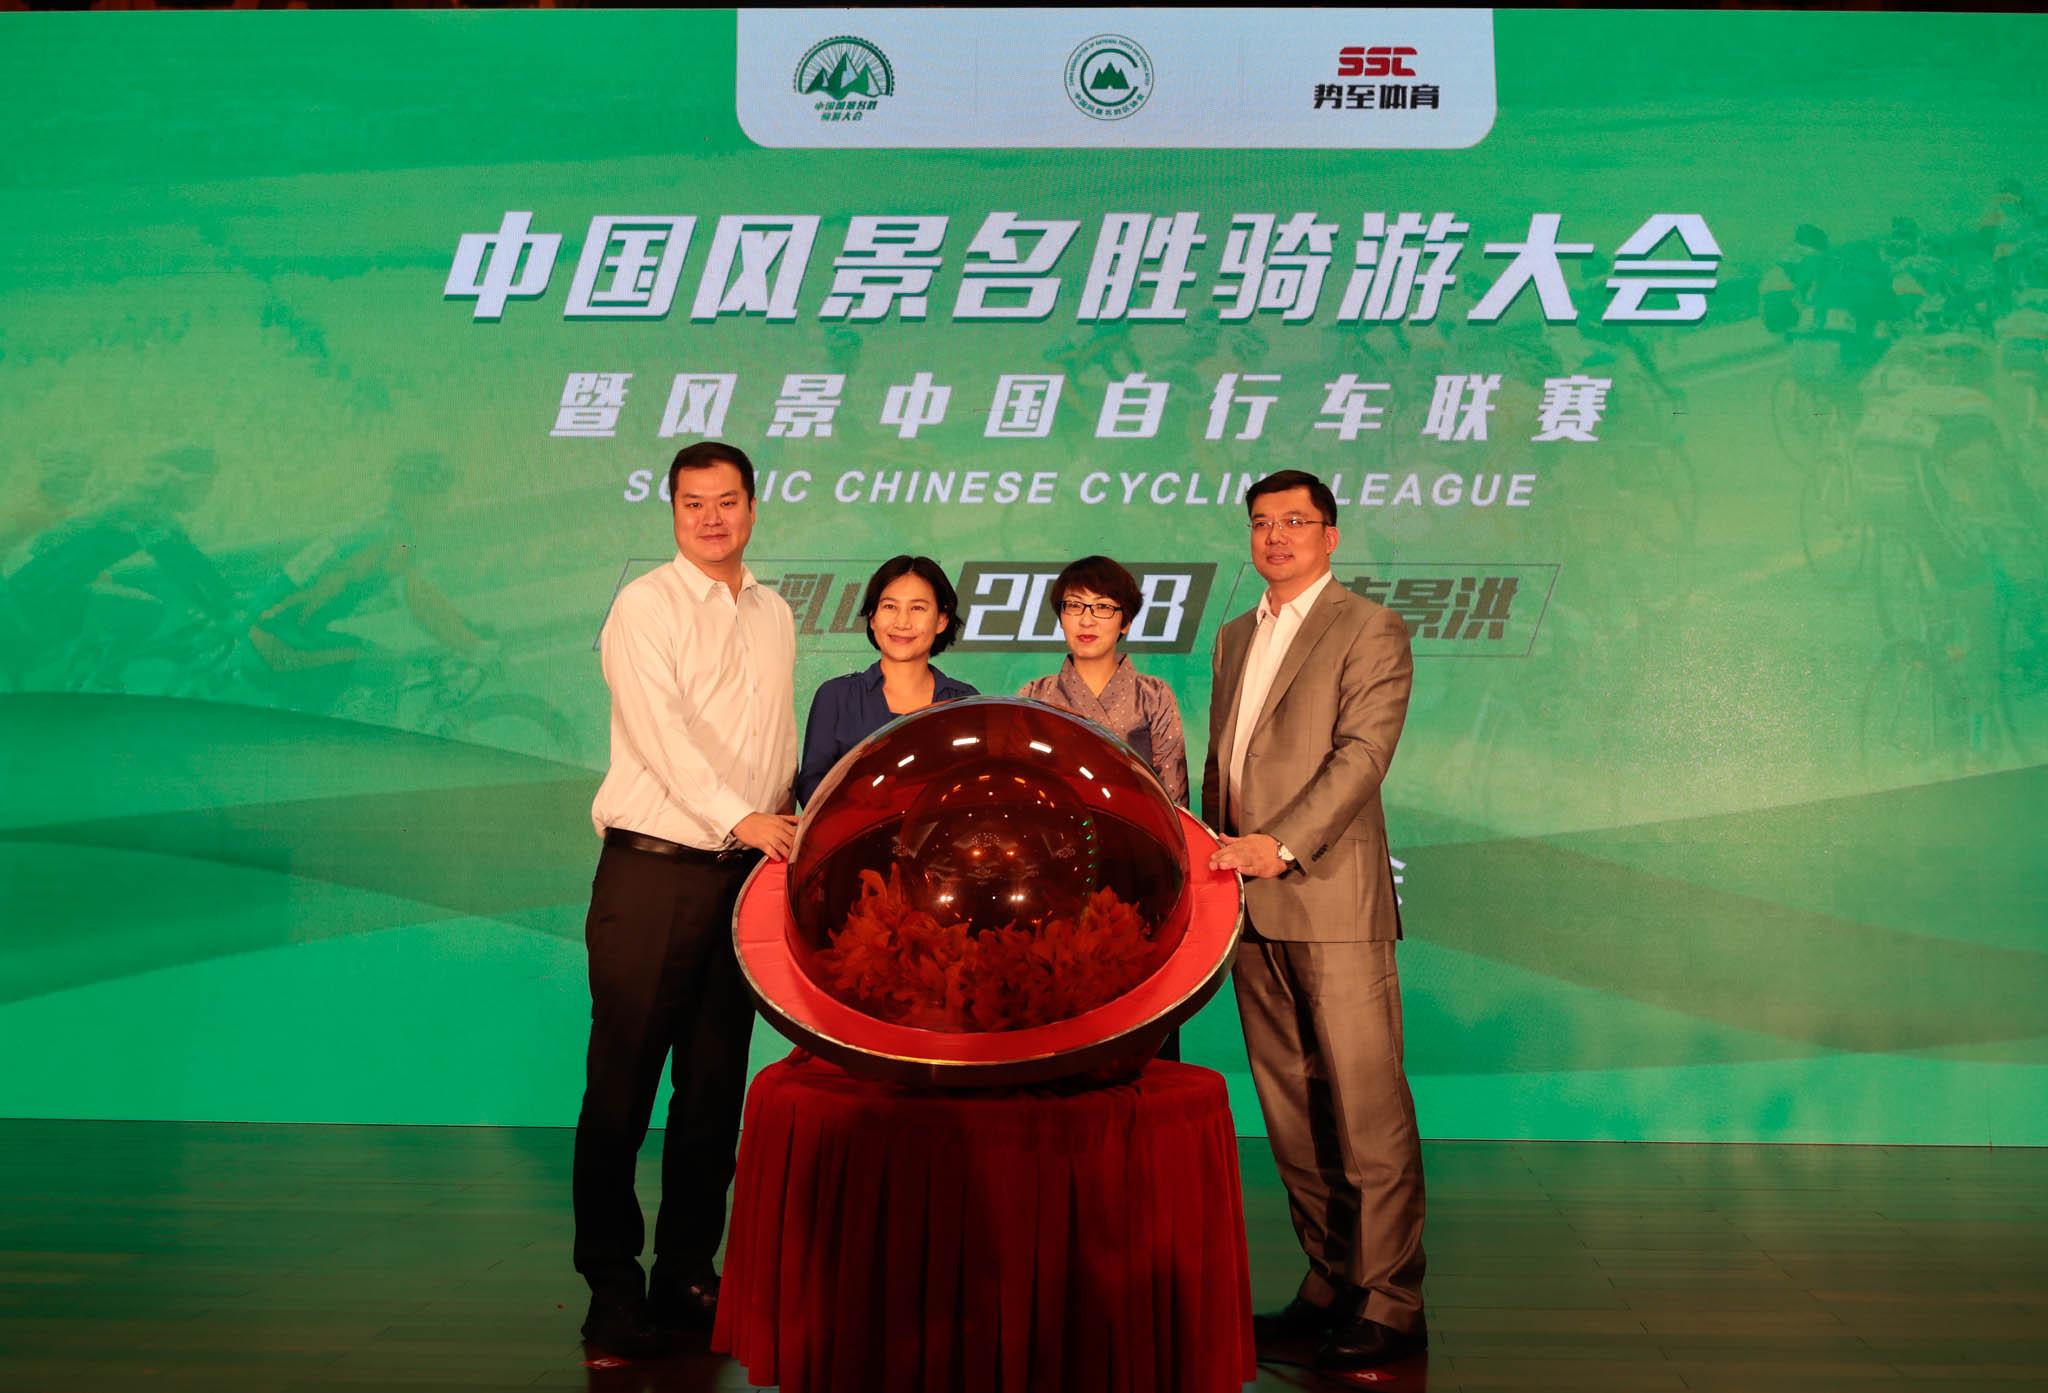 跨界新合作中国风景名胜骑游大会暨风景中国自行车联赛盛大开启